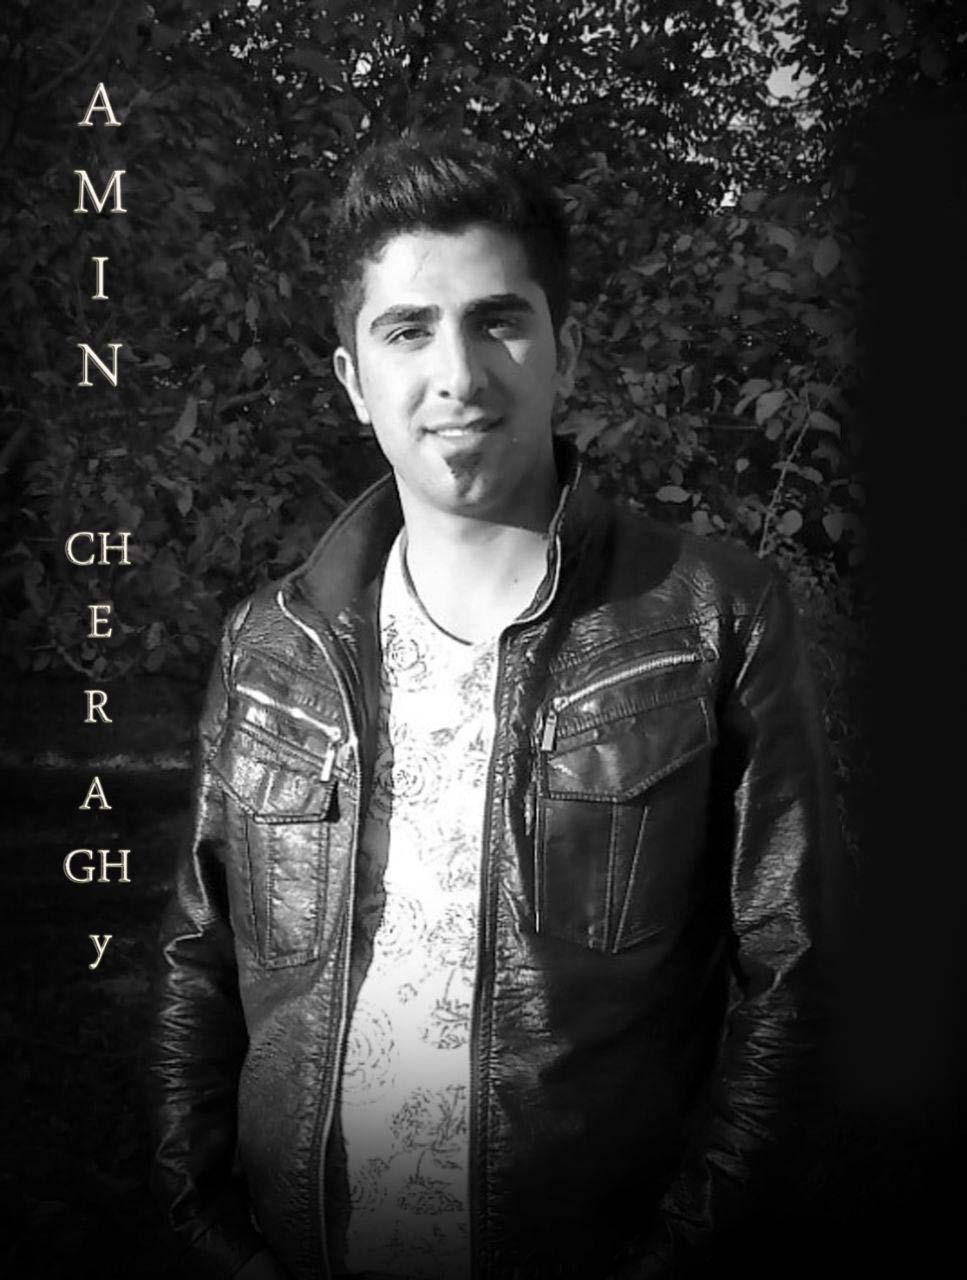 http://dl2.kord-music.net/1395/05/01/Amin%20CHeraghi/Cover.jpg